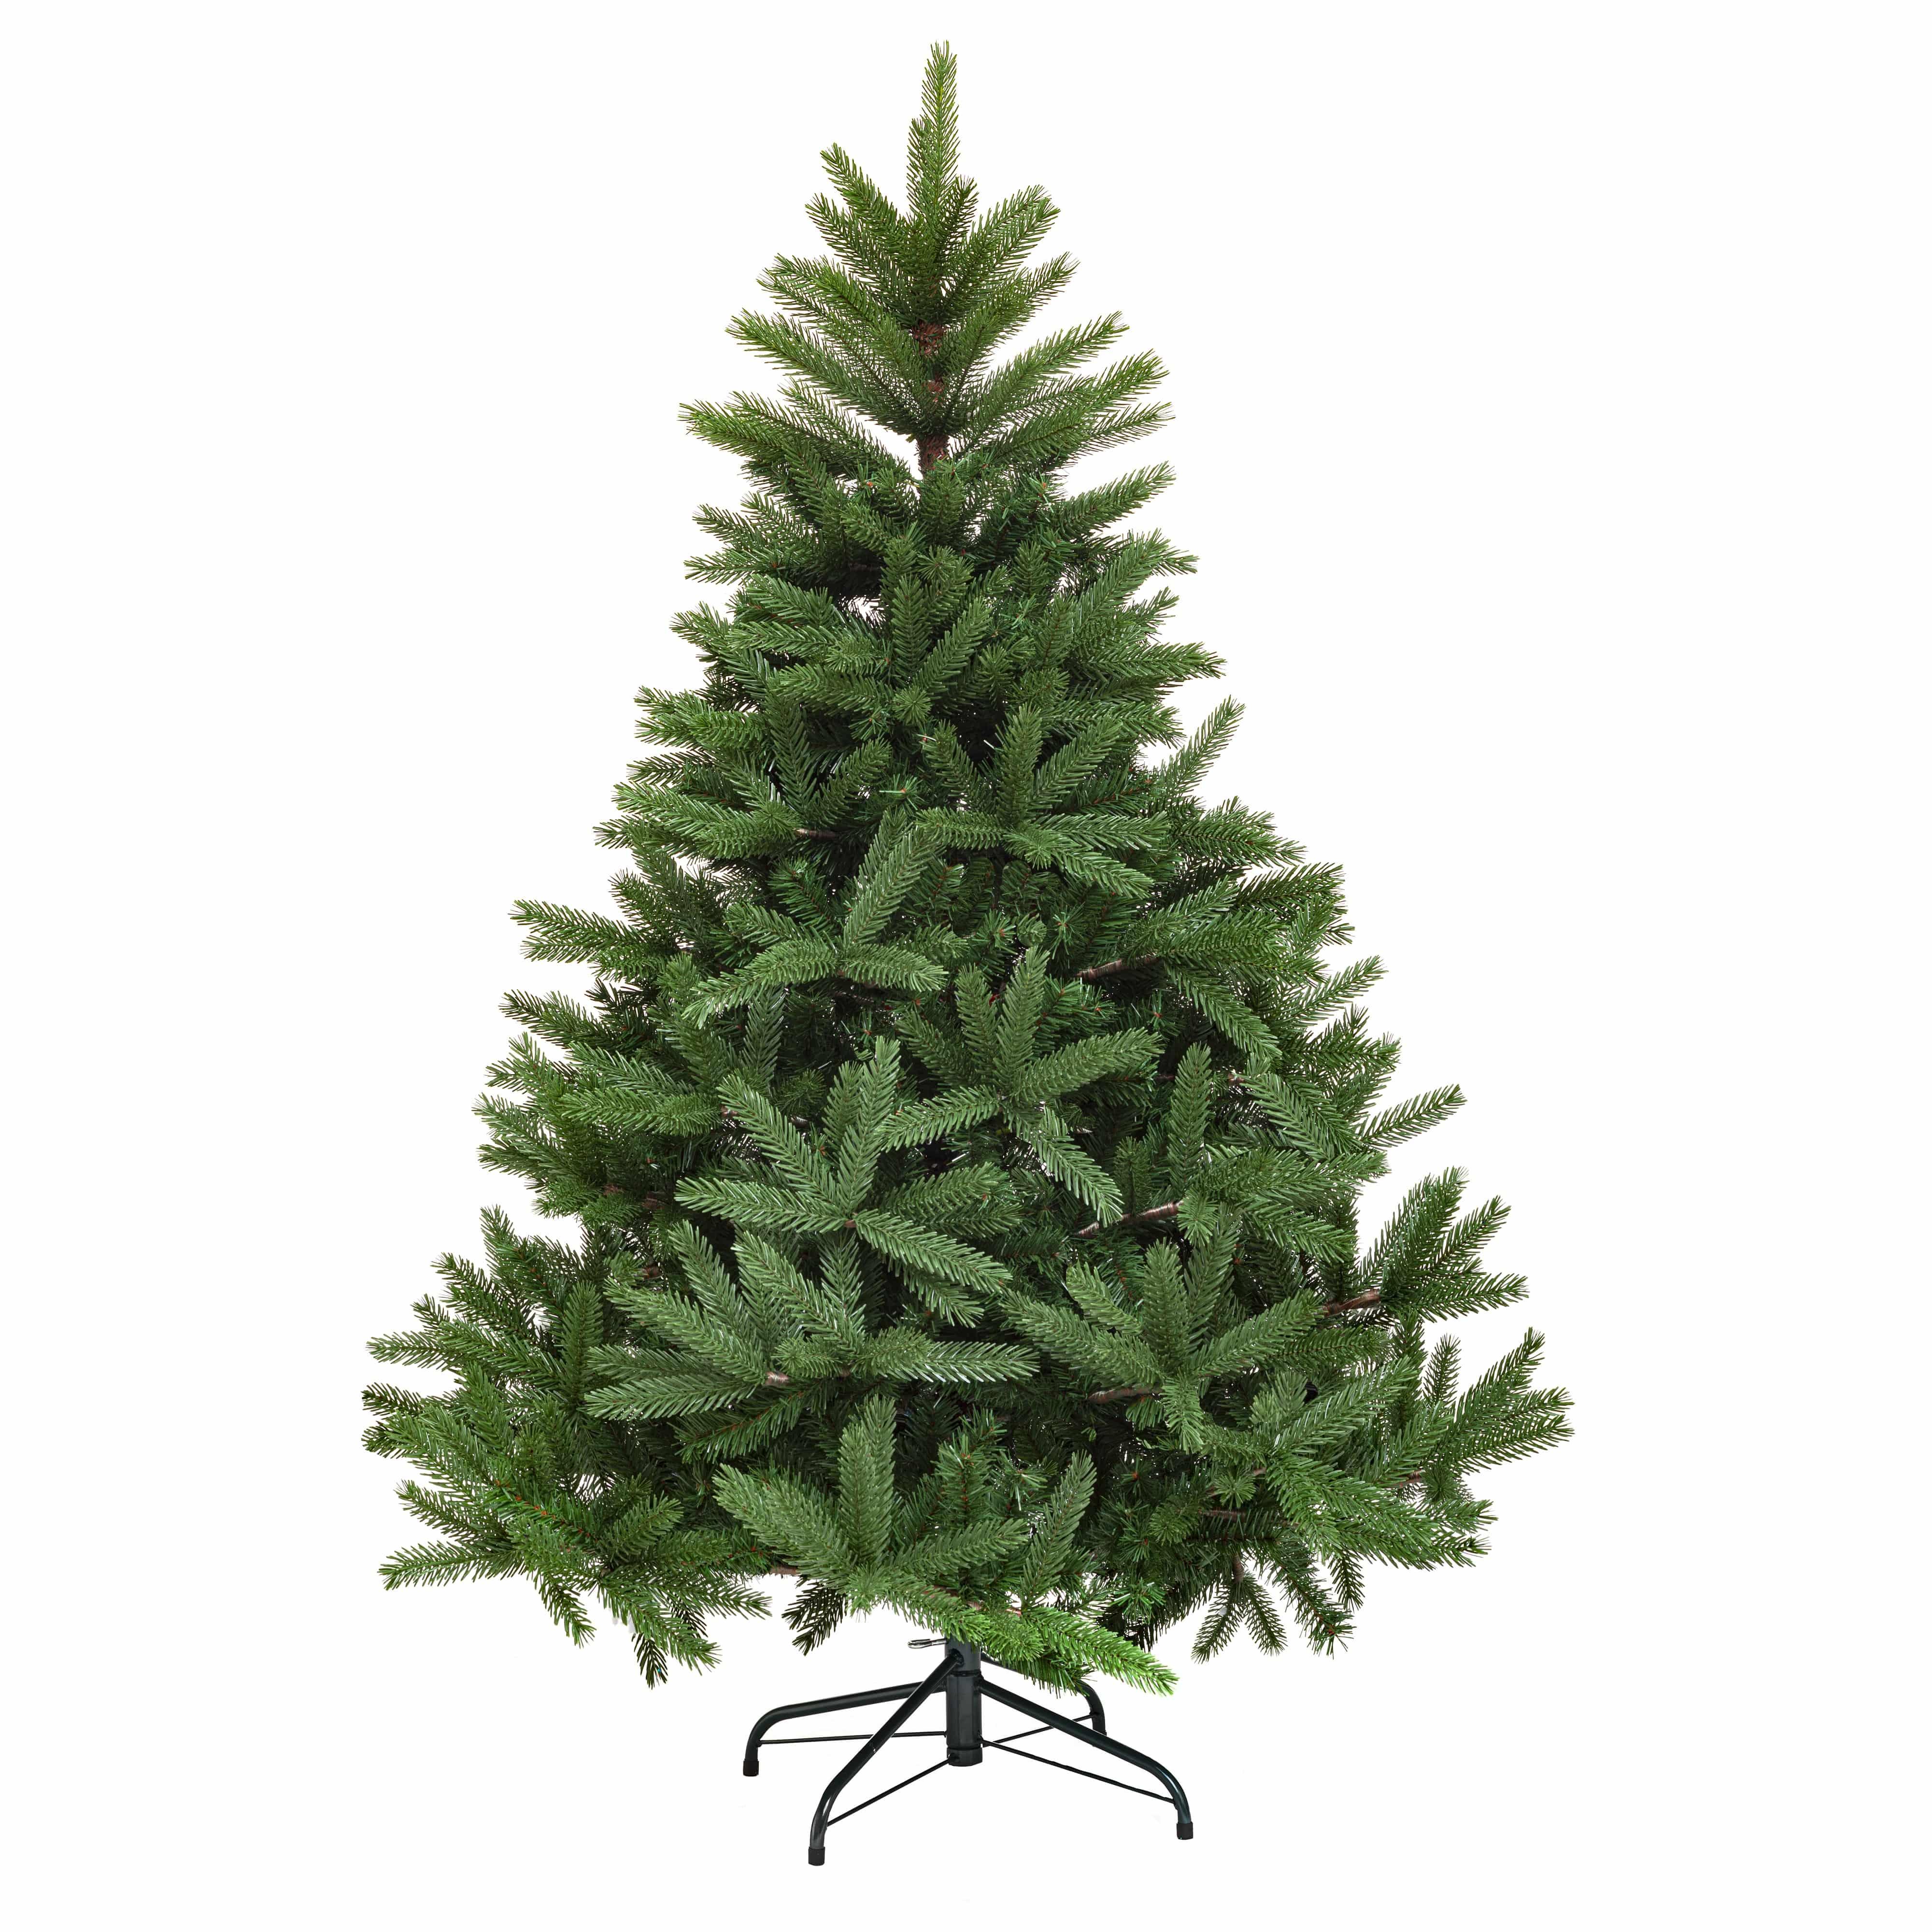 4goodz natuurgetrouwe Premium Kunstkerstboom Groene Spar 180 cm